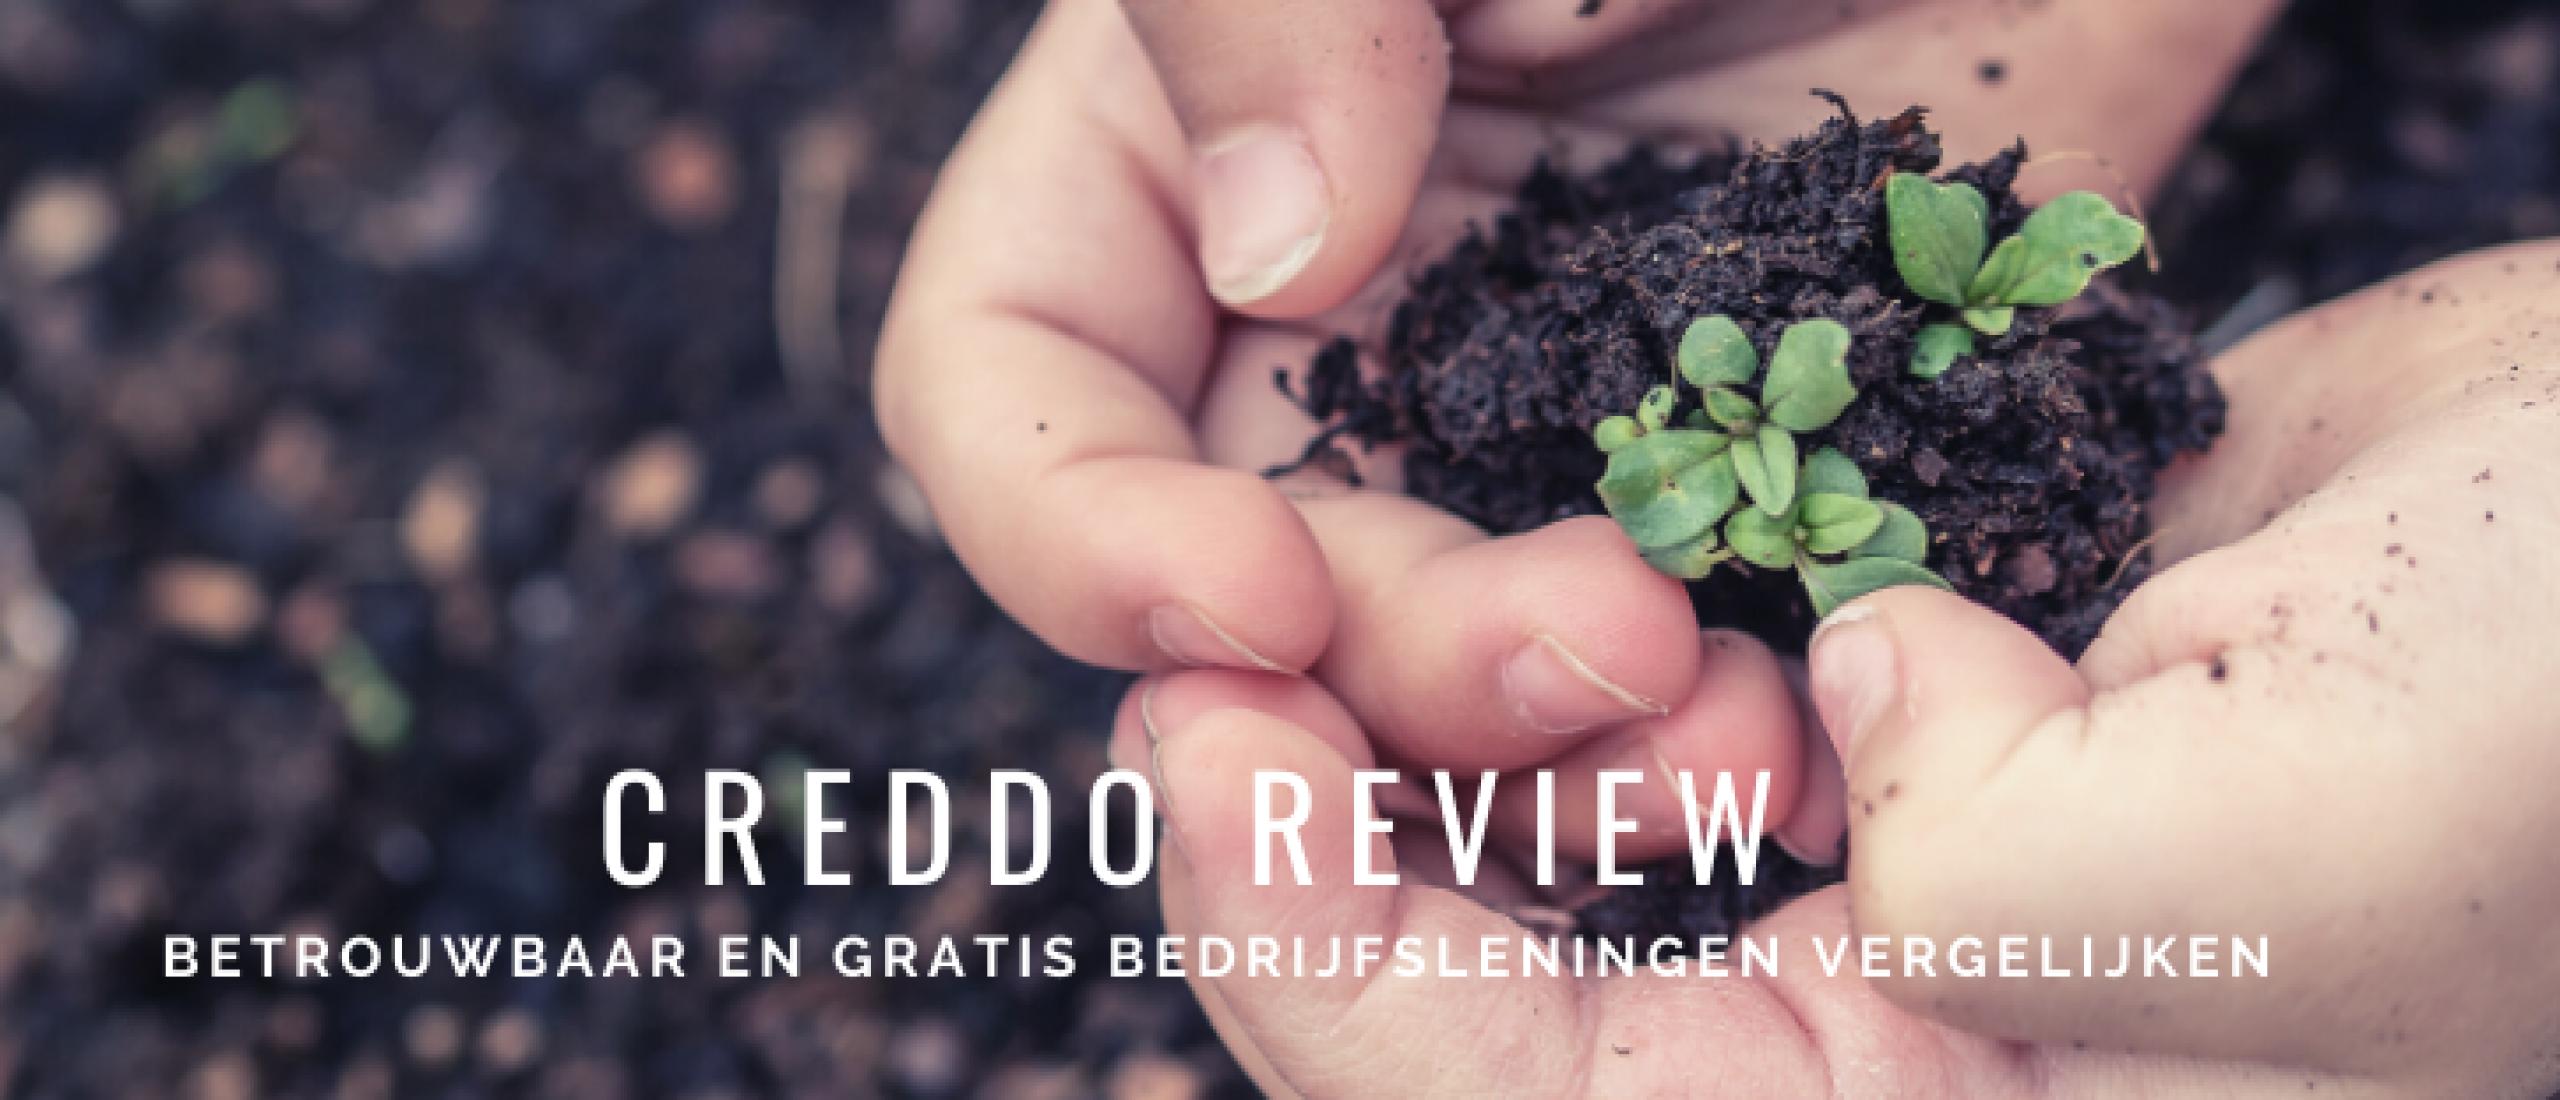 Creddo Review: Gratis Bedrijfsleningen Vergelijken als Ondernemer